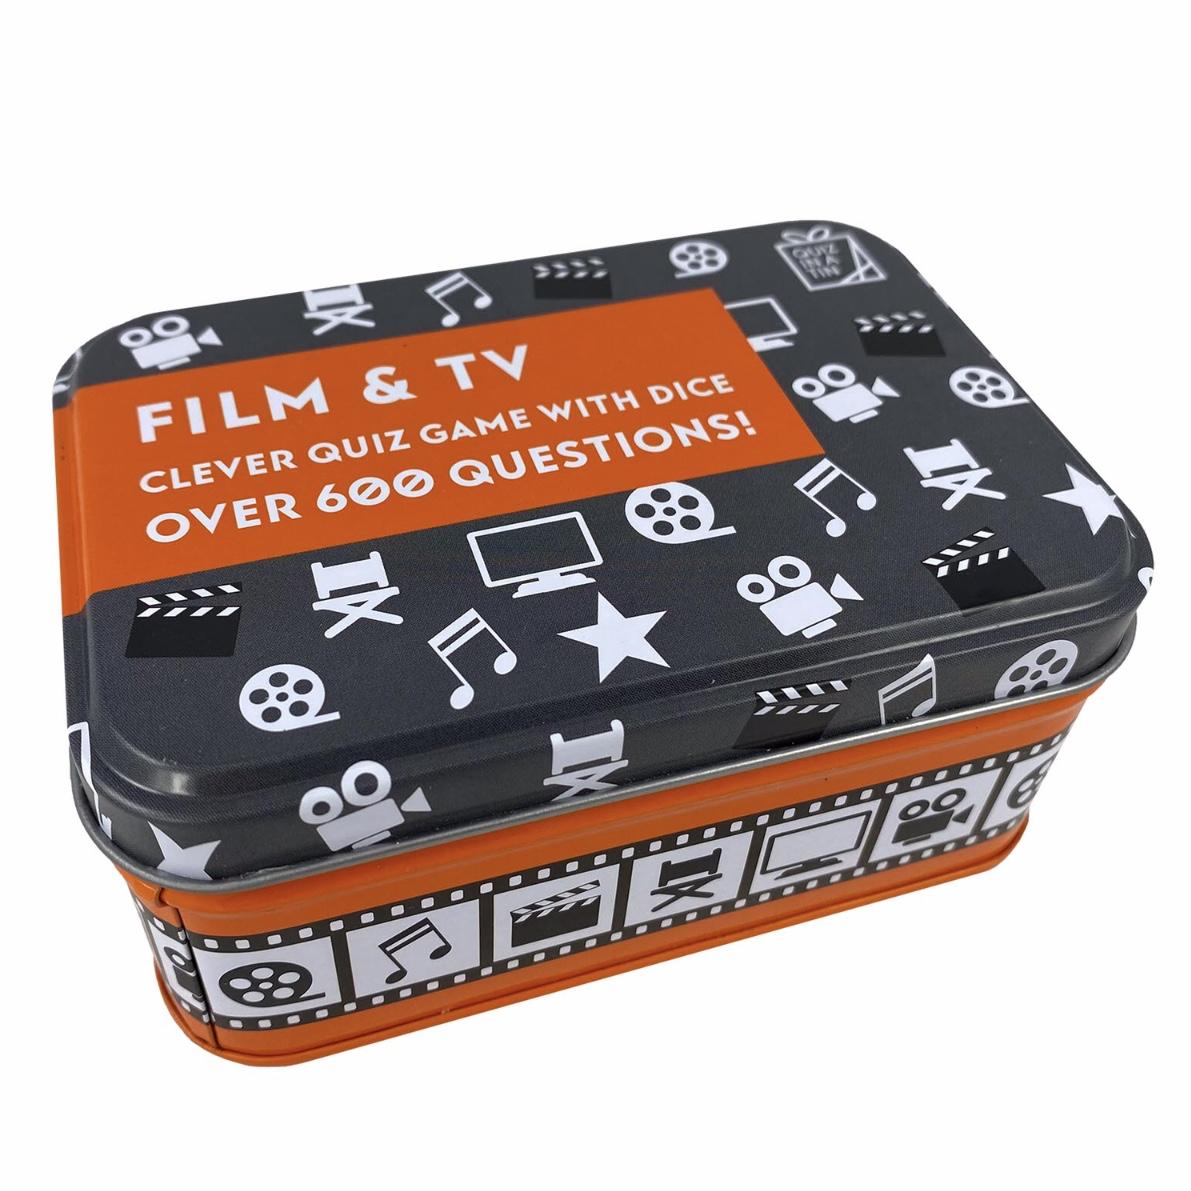 Film & TV Quiz